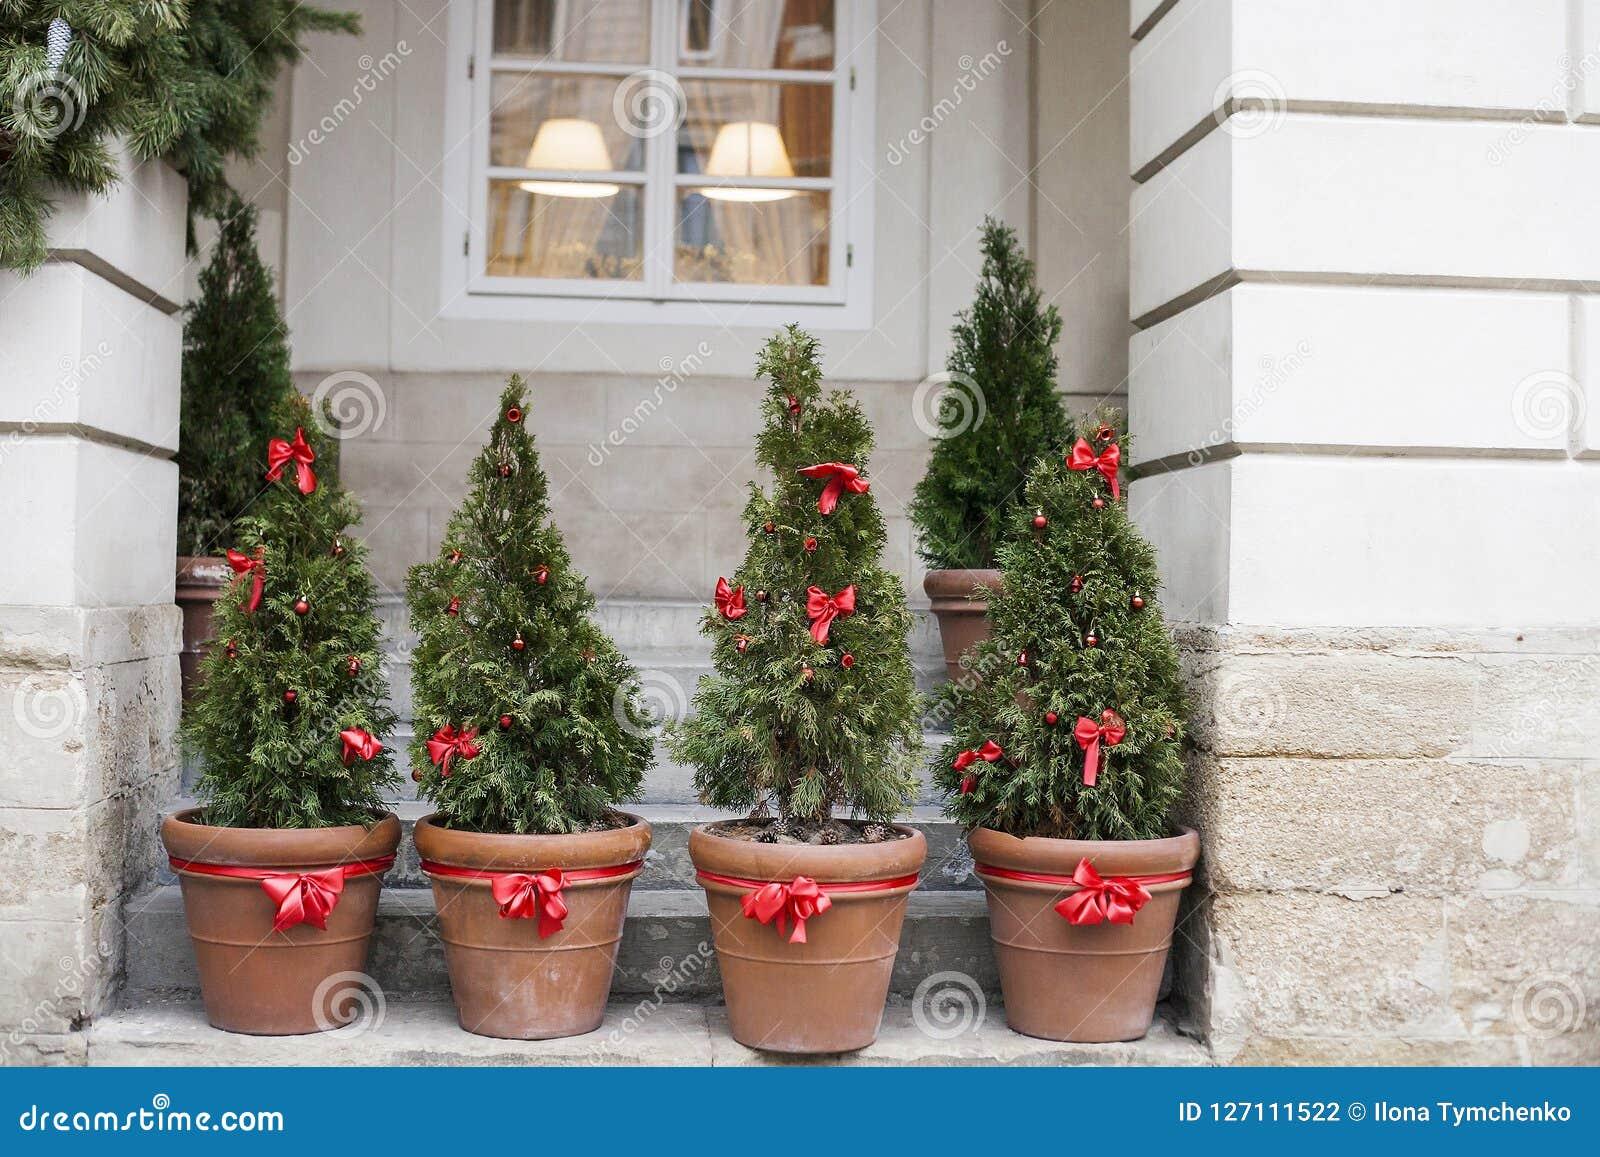 Alberi Di Natale Addobbati Foto.Gli Alberi Di Natale Decorati In Vasi Si Avvicinano Alla